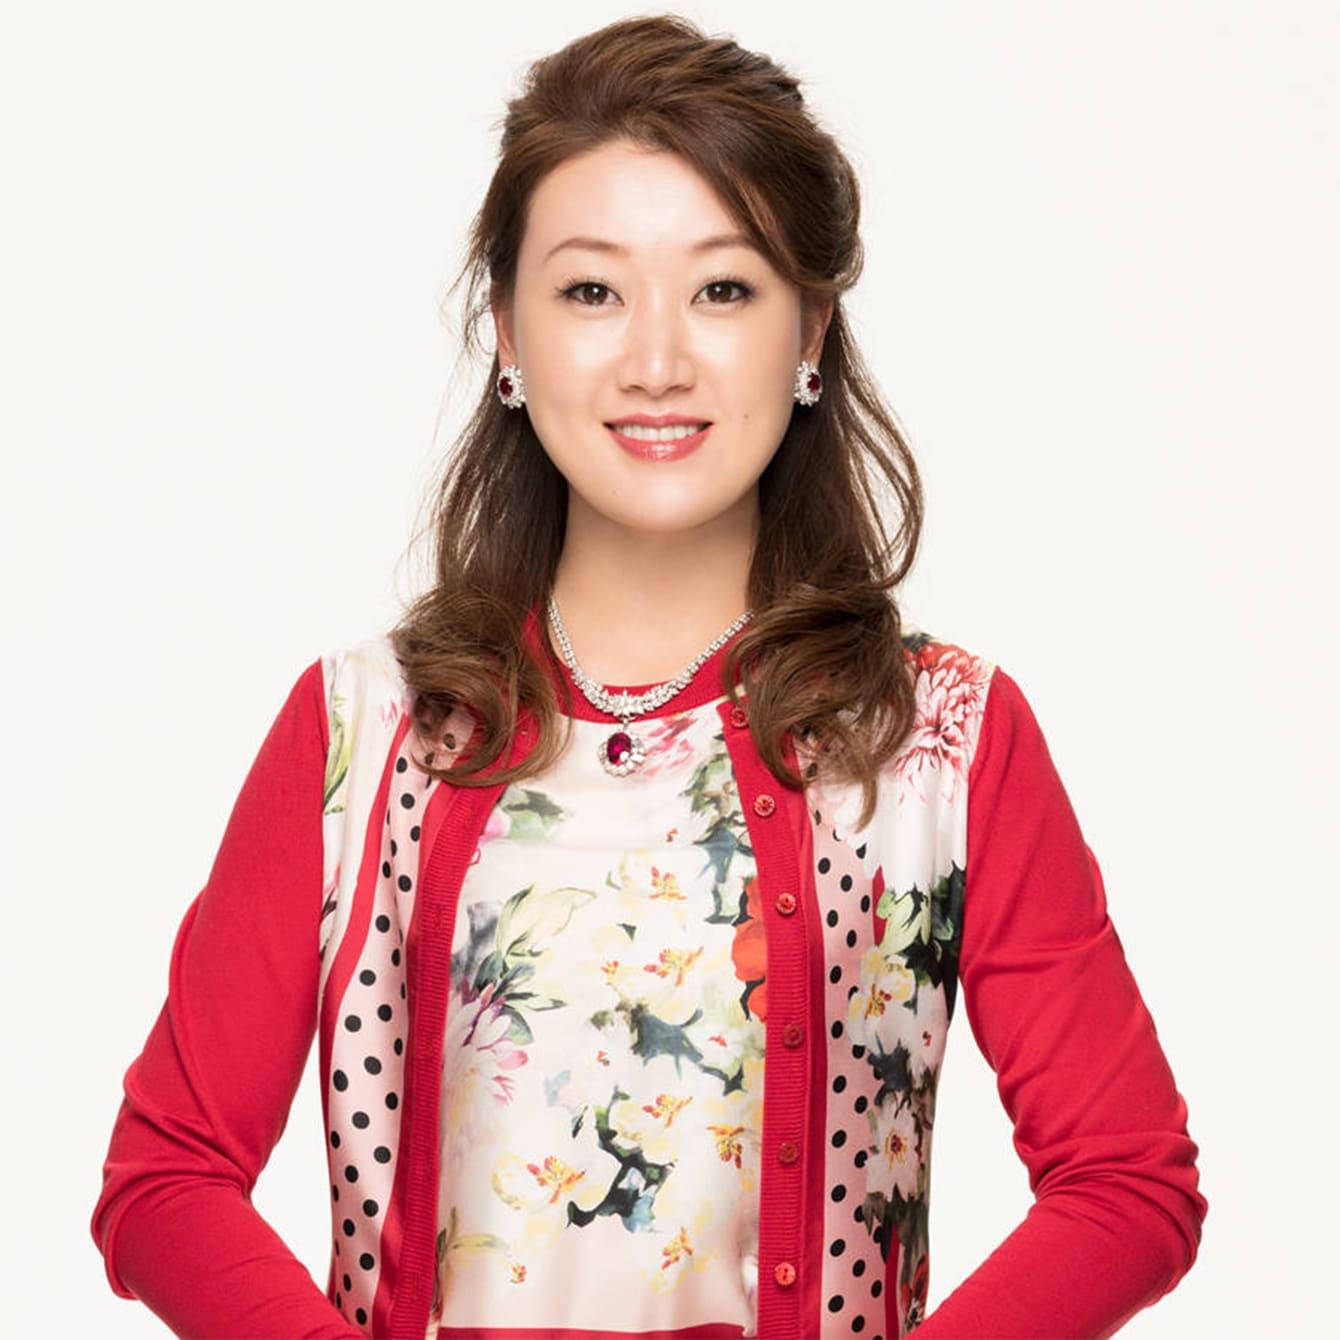 細木数子さんの継承者、かおりさんが明かす「幸せになれない女性」の法則